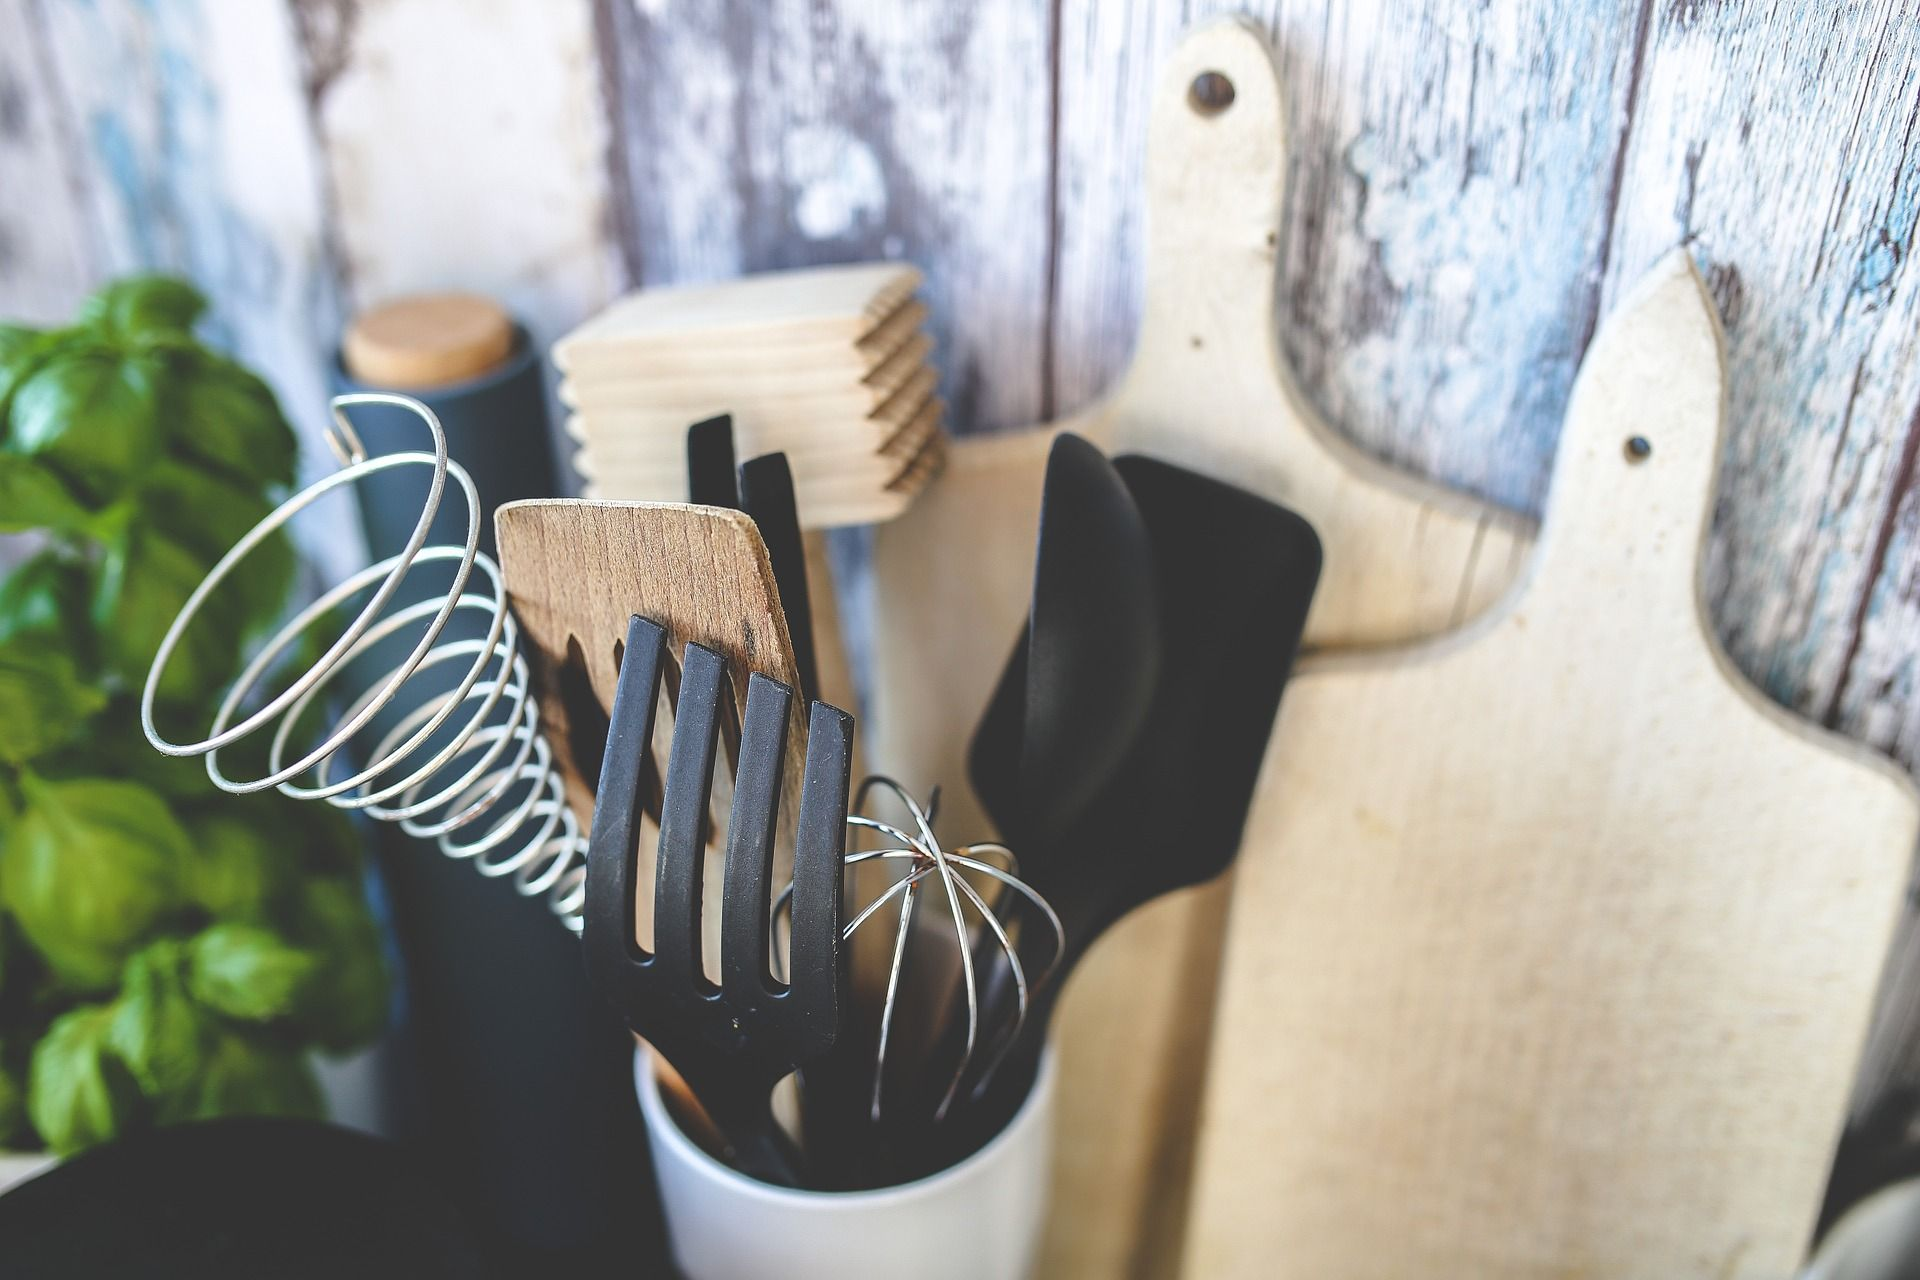 Houten Accessoires Keuken : Accessoires in de keuken zijn onmisbaar zet een aantal houten